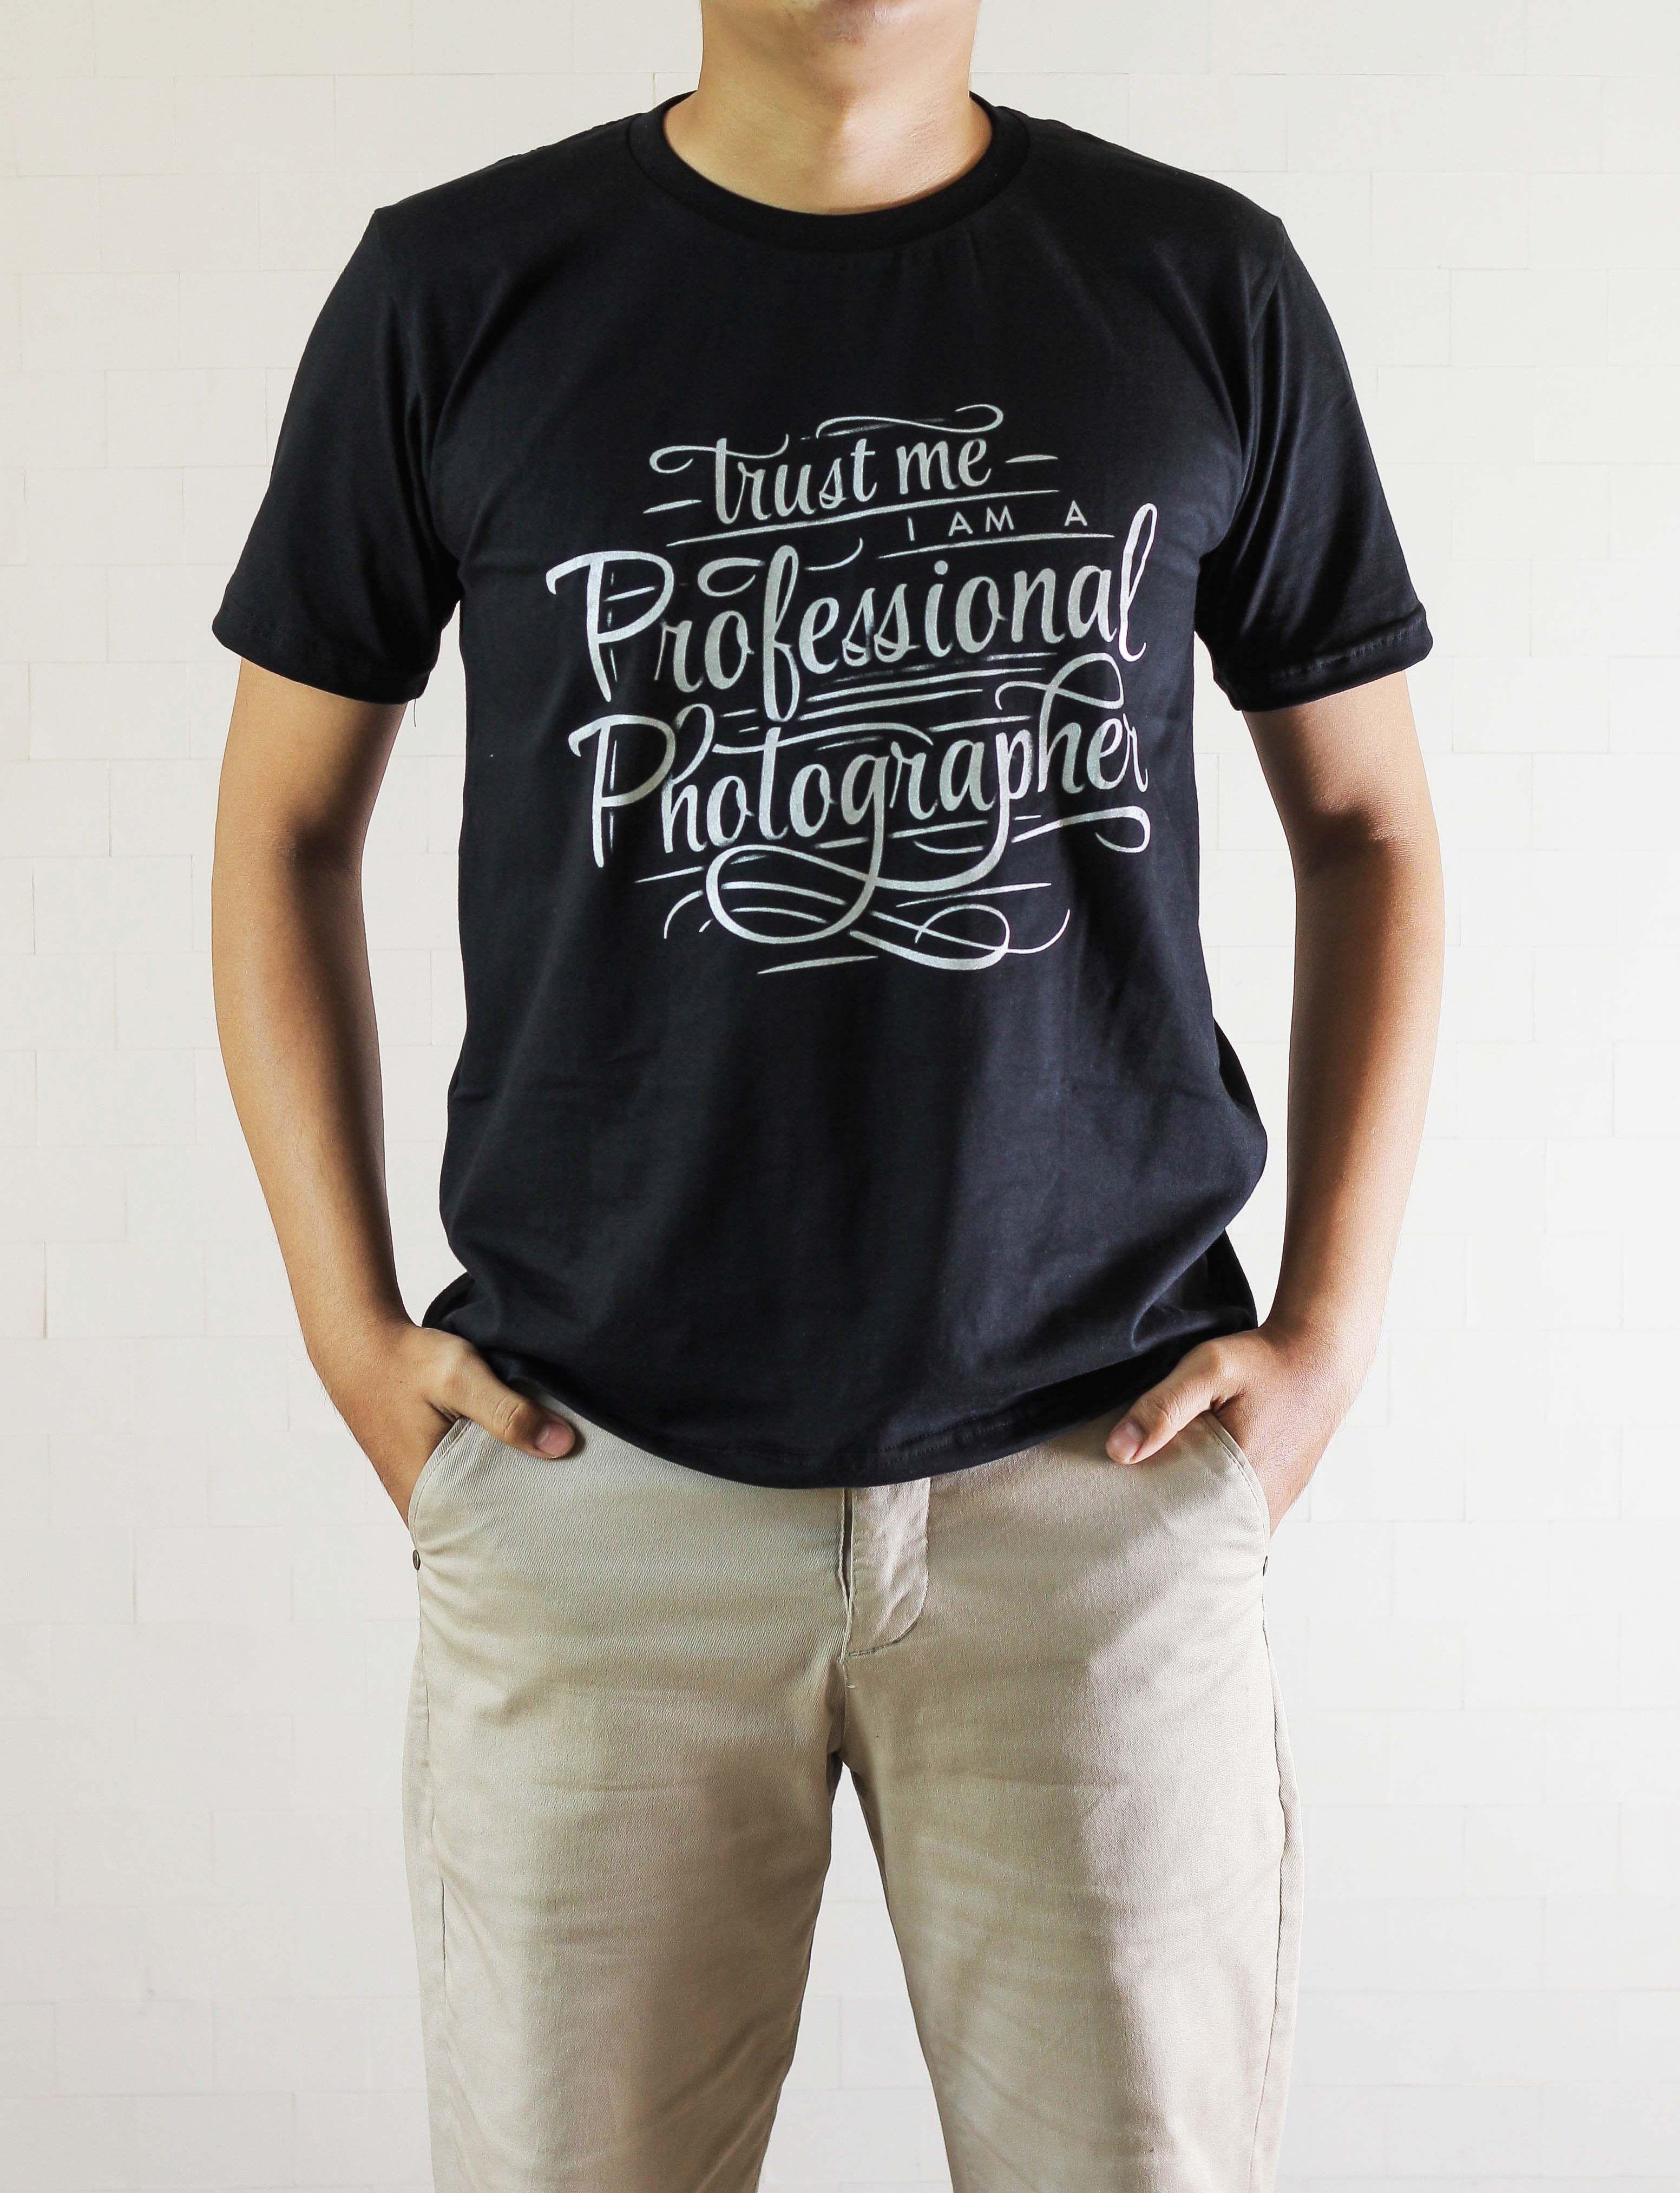 Tshirt Tees Tee Shirt Camera Canon Nikon Geek